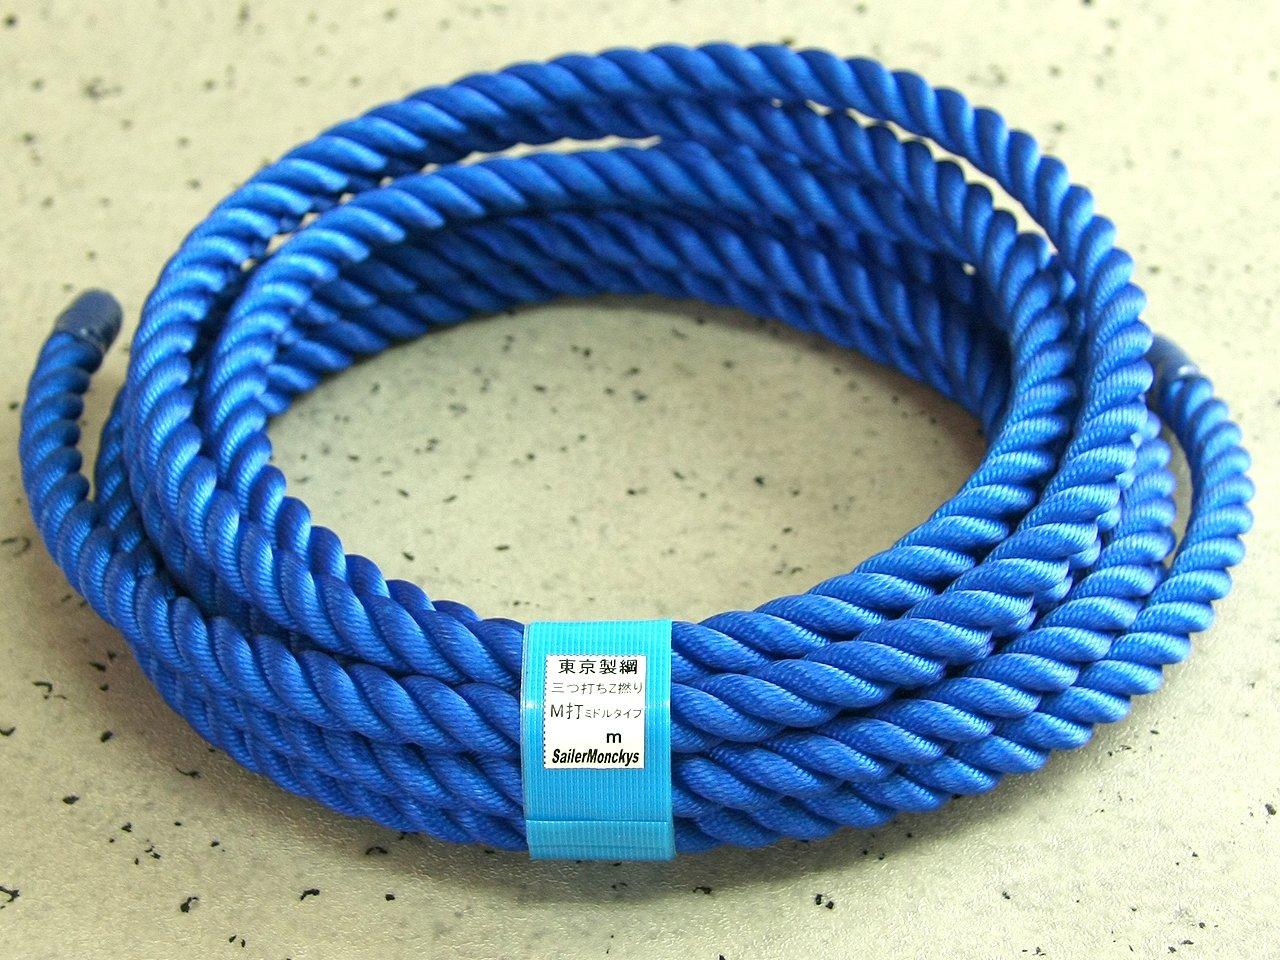 超激安 東京製綱 カラーナイロンレンジャーロープ B019MJQQ1G M打 三つ打ち 青 三つ打ち 直径12mm 10m 10m B019MJQQ1G, ライティングニケ:fa6beaef --- a0267596.xsph.ru